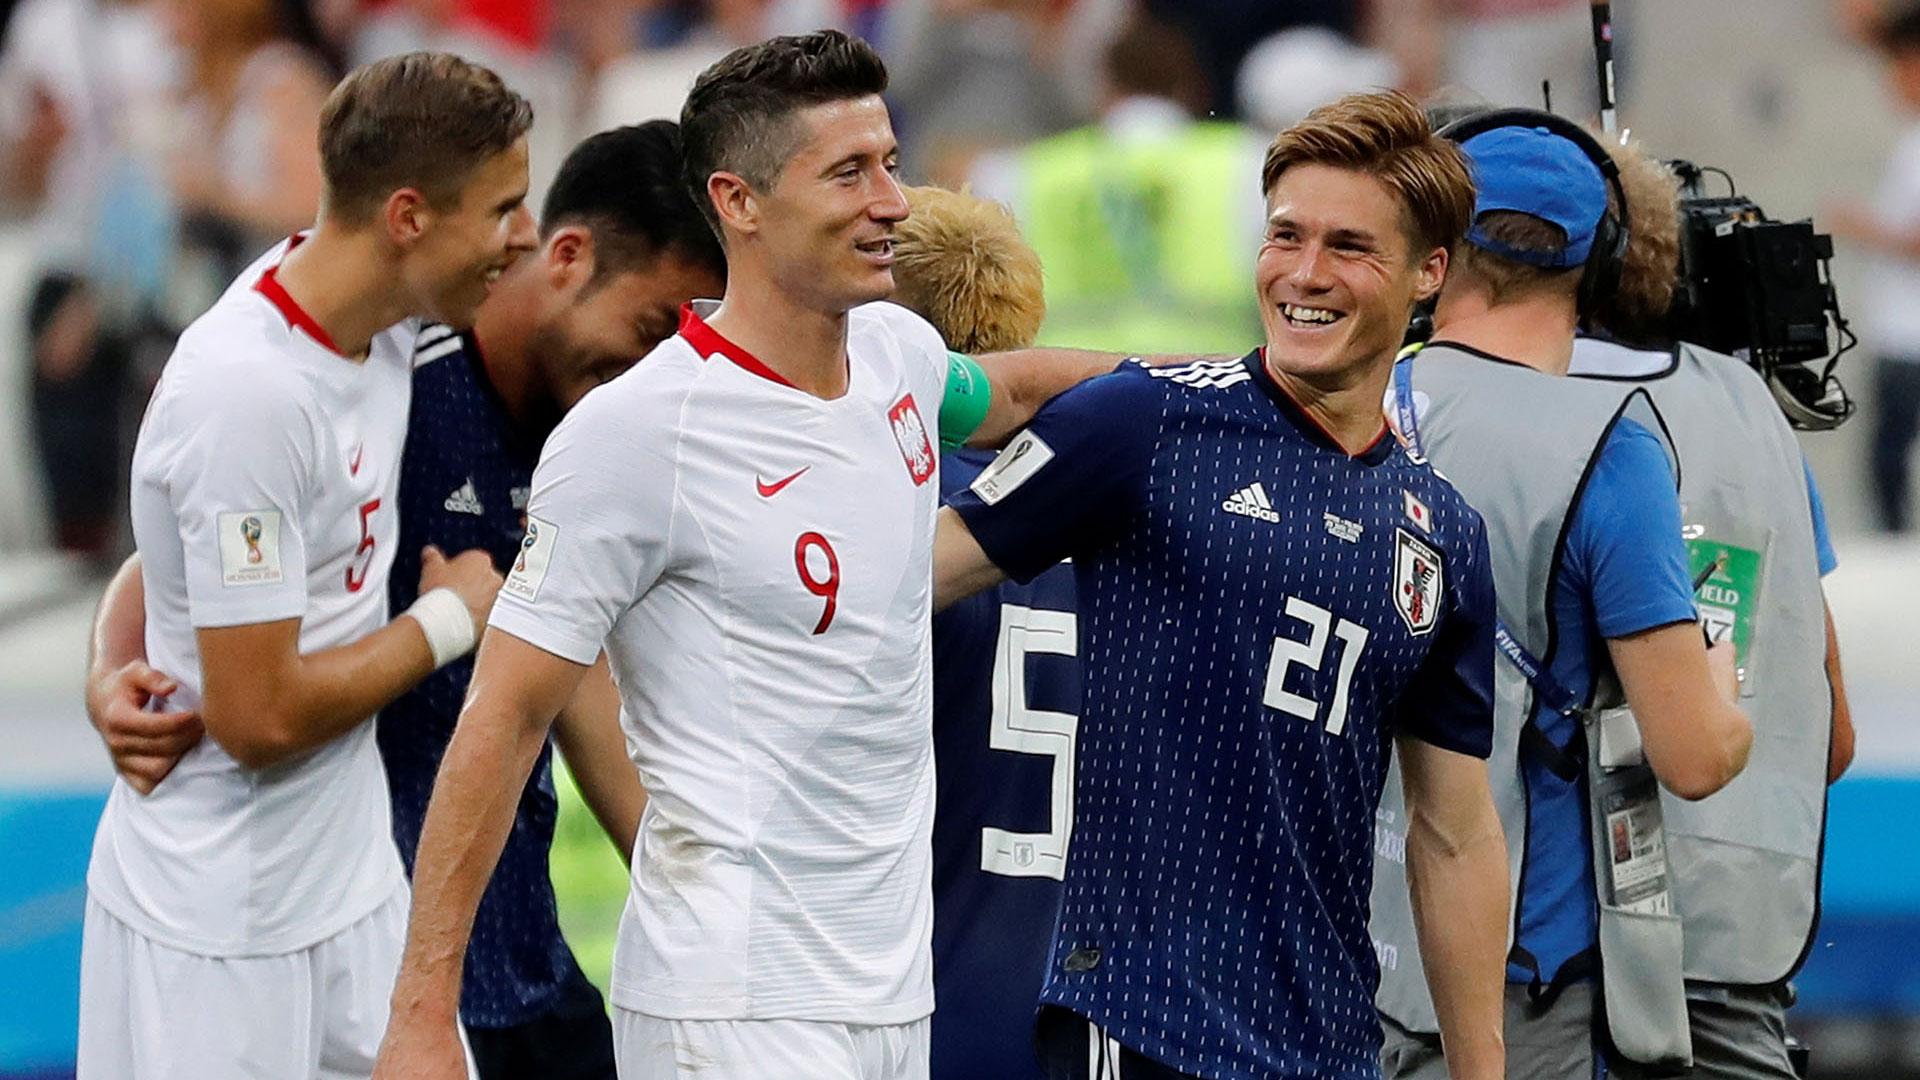 Polonia y Japón fueron silbados en los últimos minutos del partido